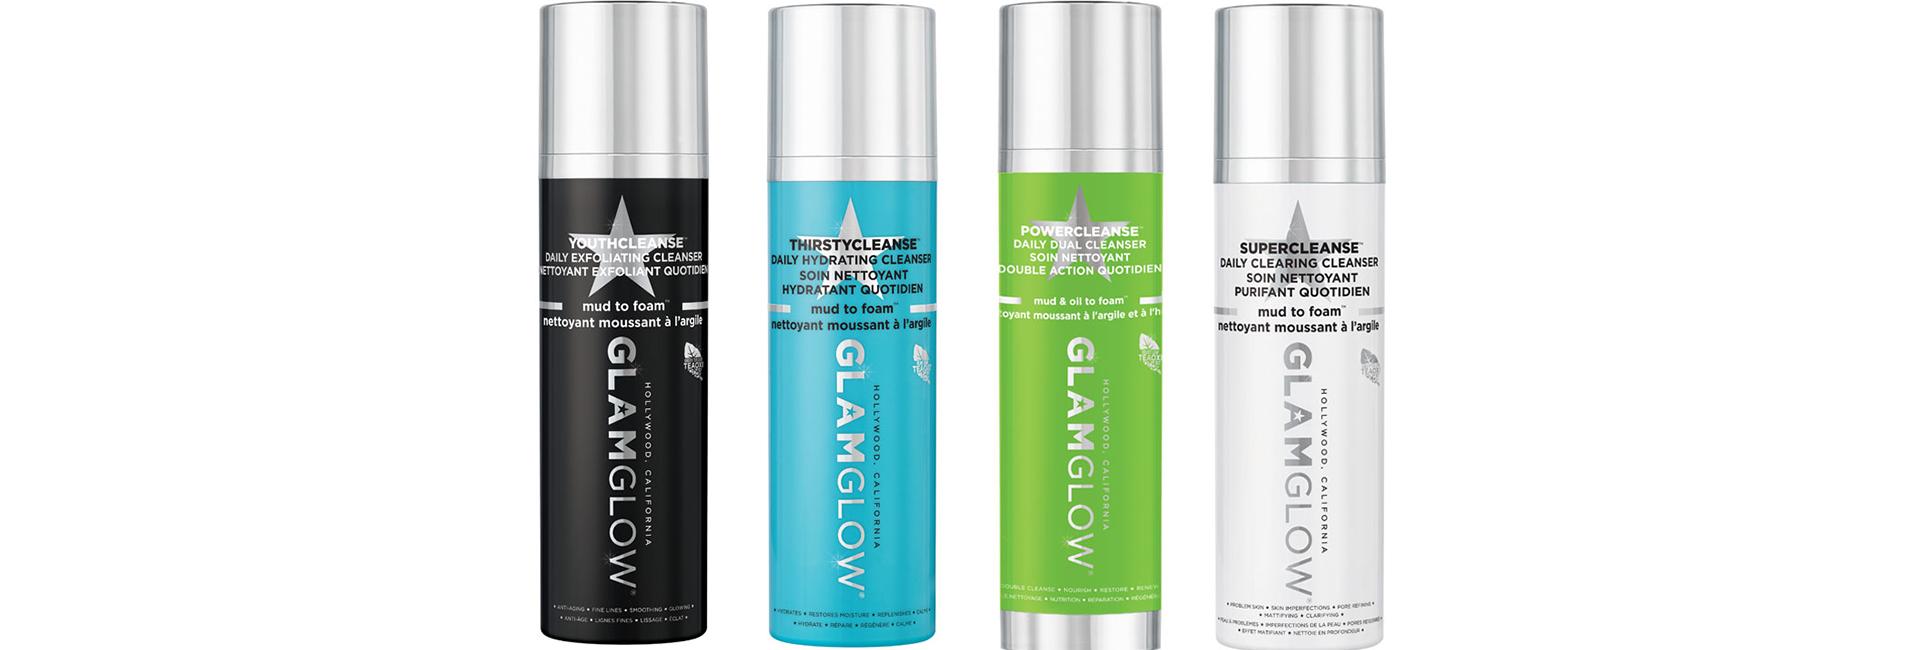 Glamglow : après les masques, les soins quotidiens